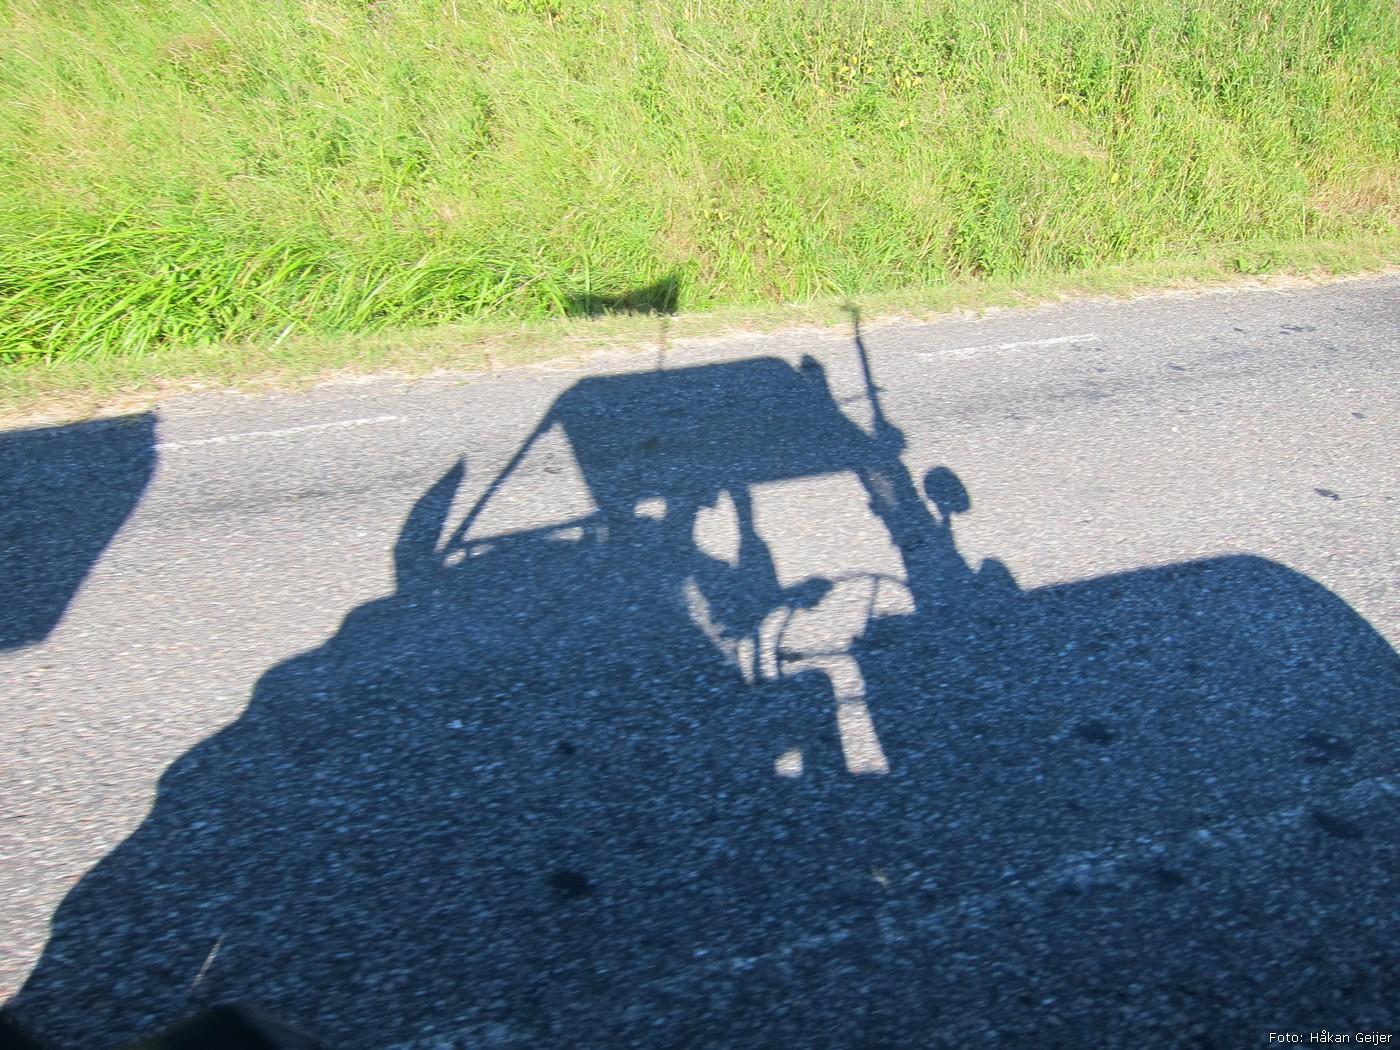 2013-07-19_02_Traktorresa